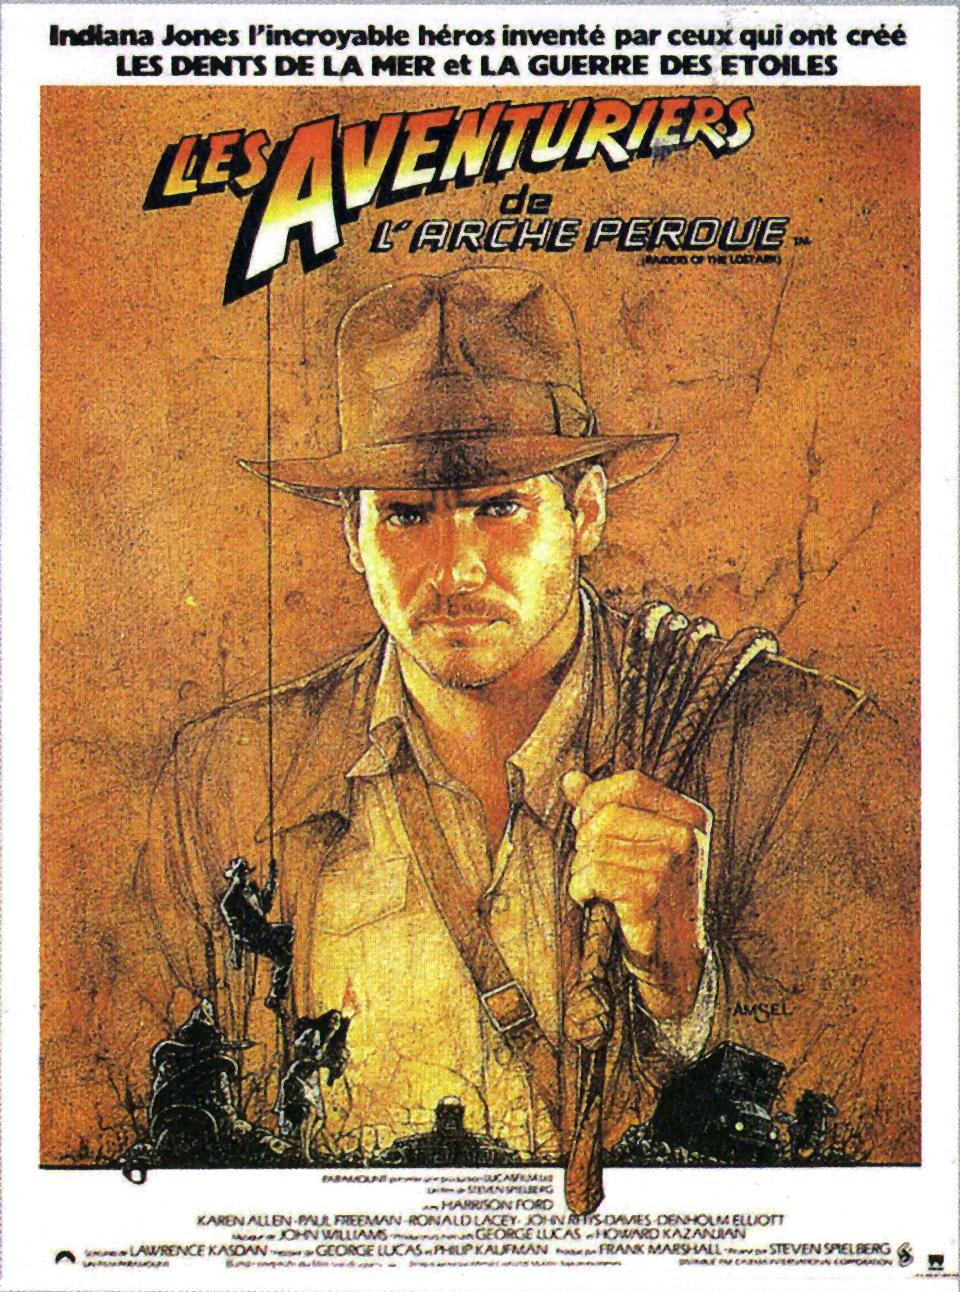 Les Aventuriers de l'Arche perdue (1981) de Steven Spielberg